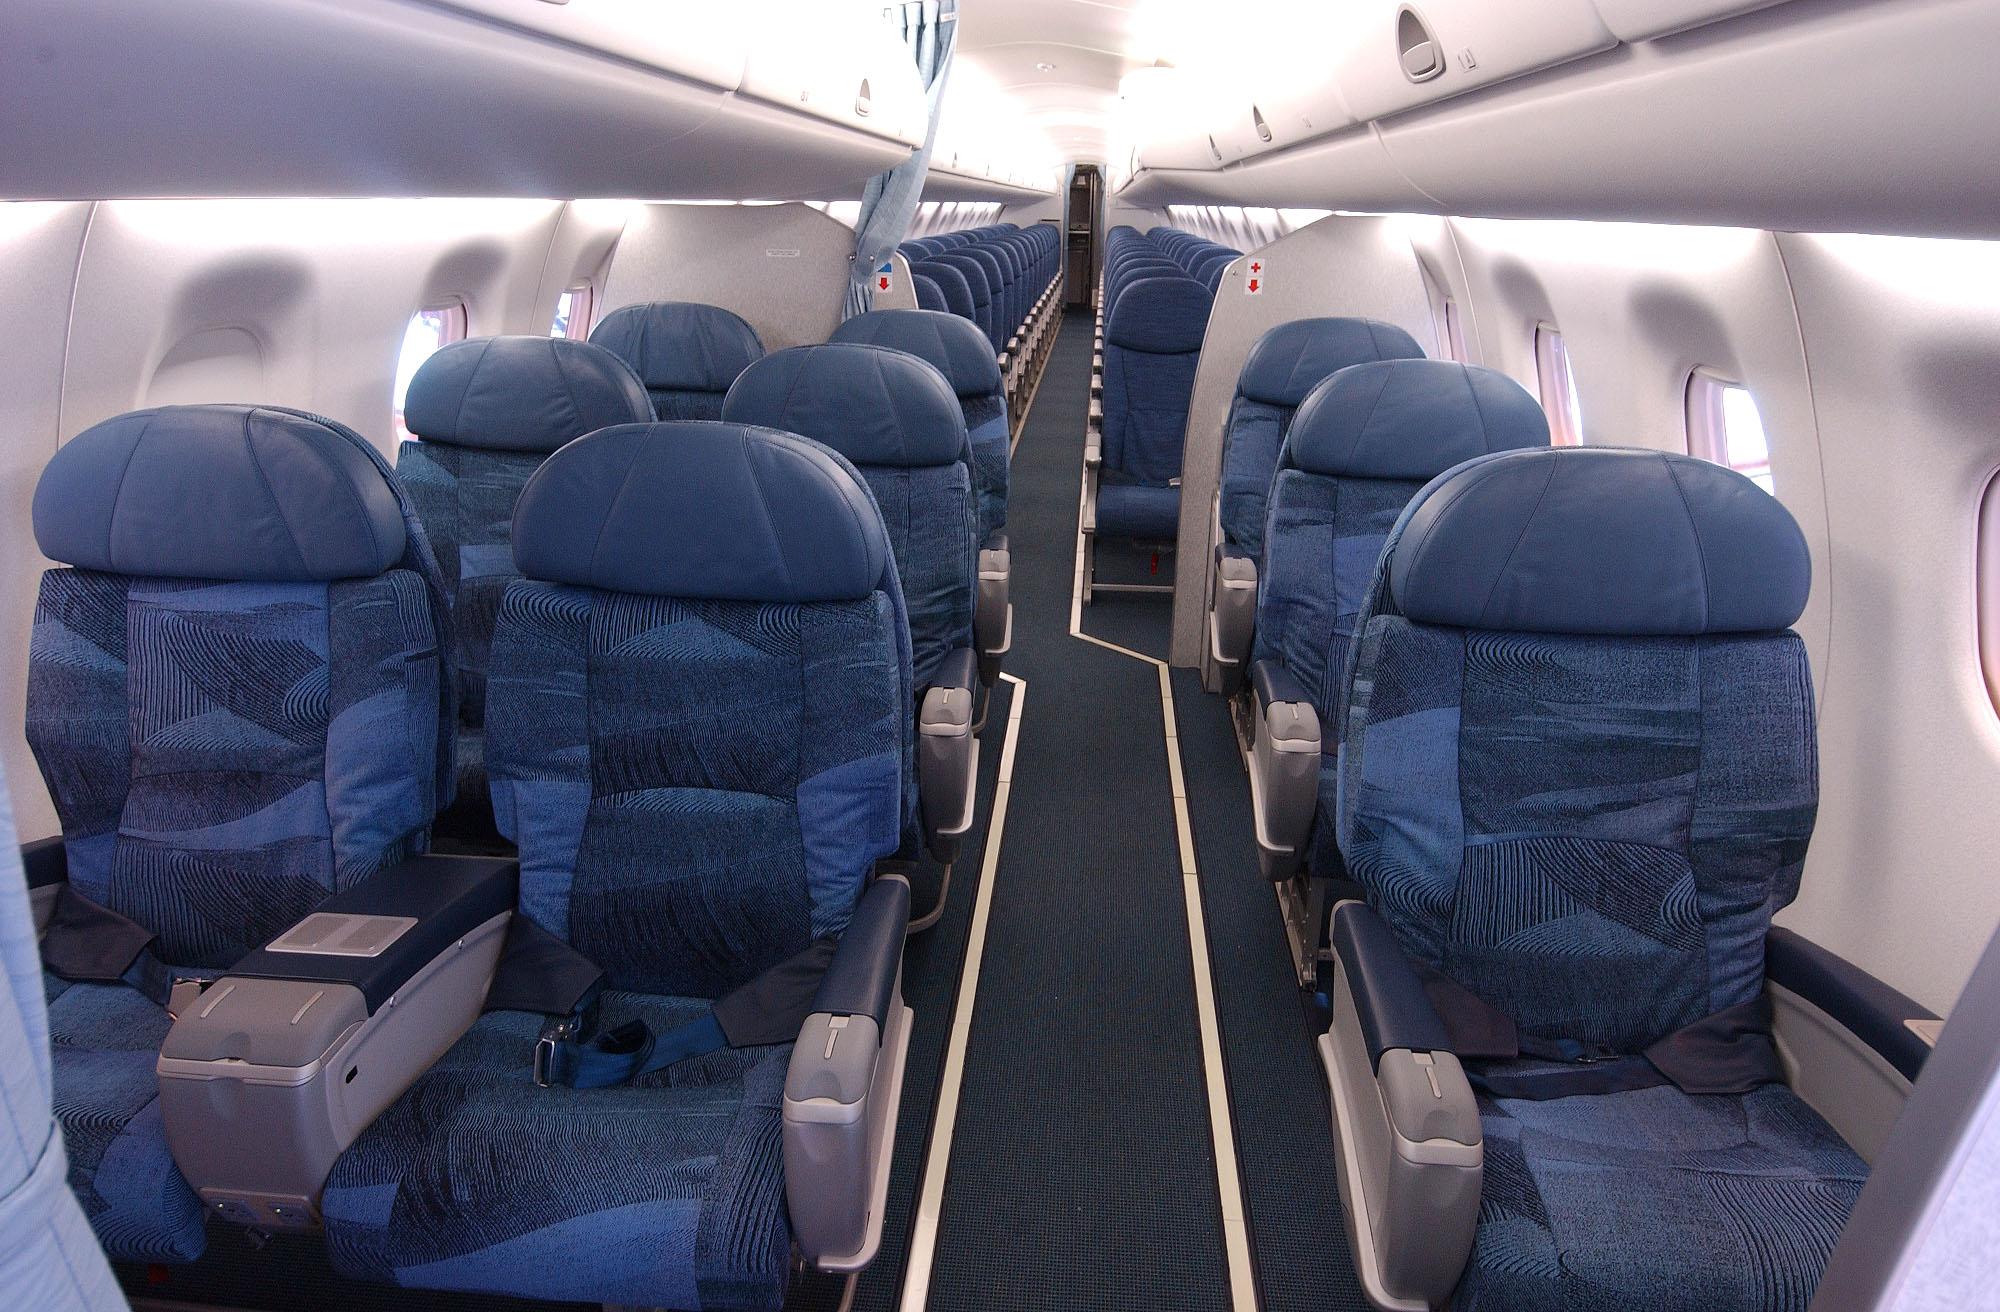 Paxnouvelles air canada plus de places pr f rence sur for Airbus a320 air france interieur